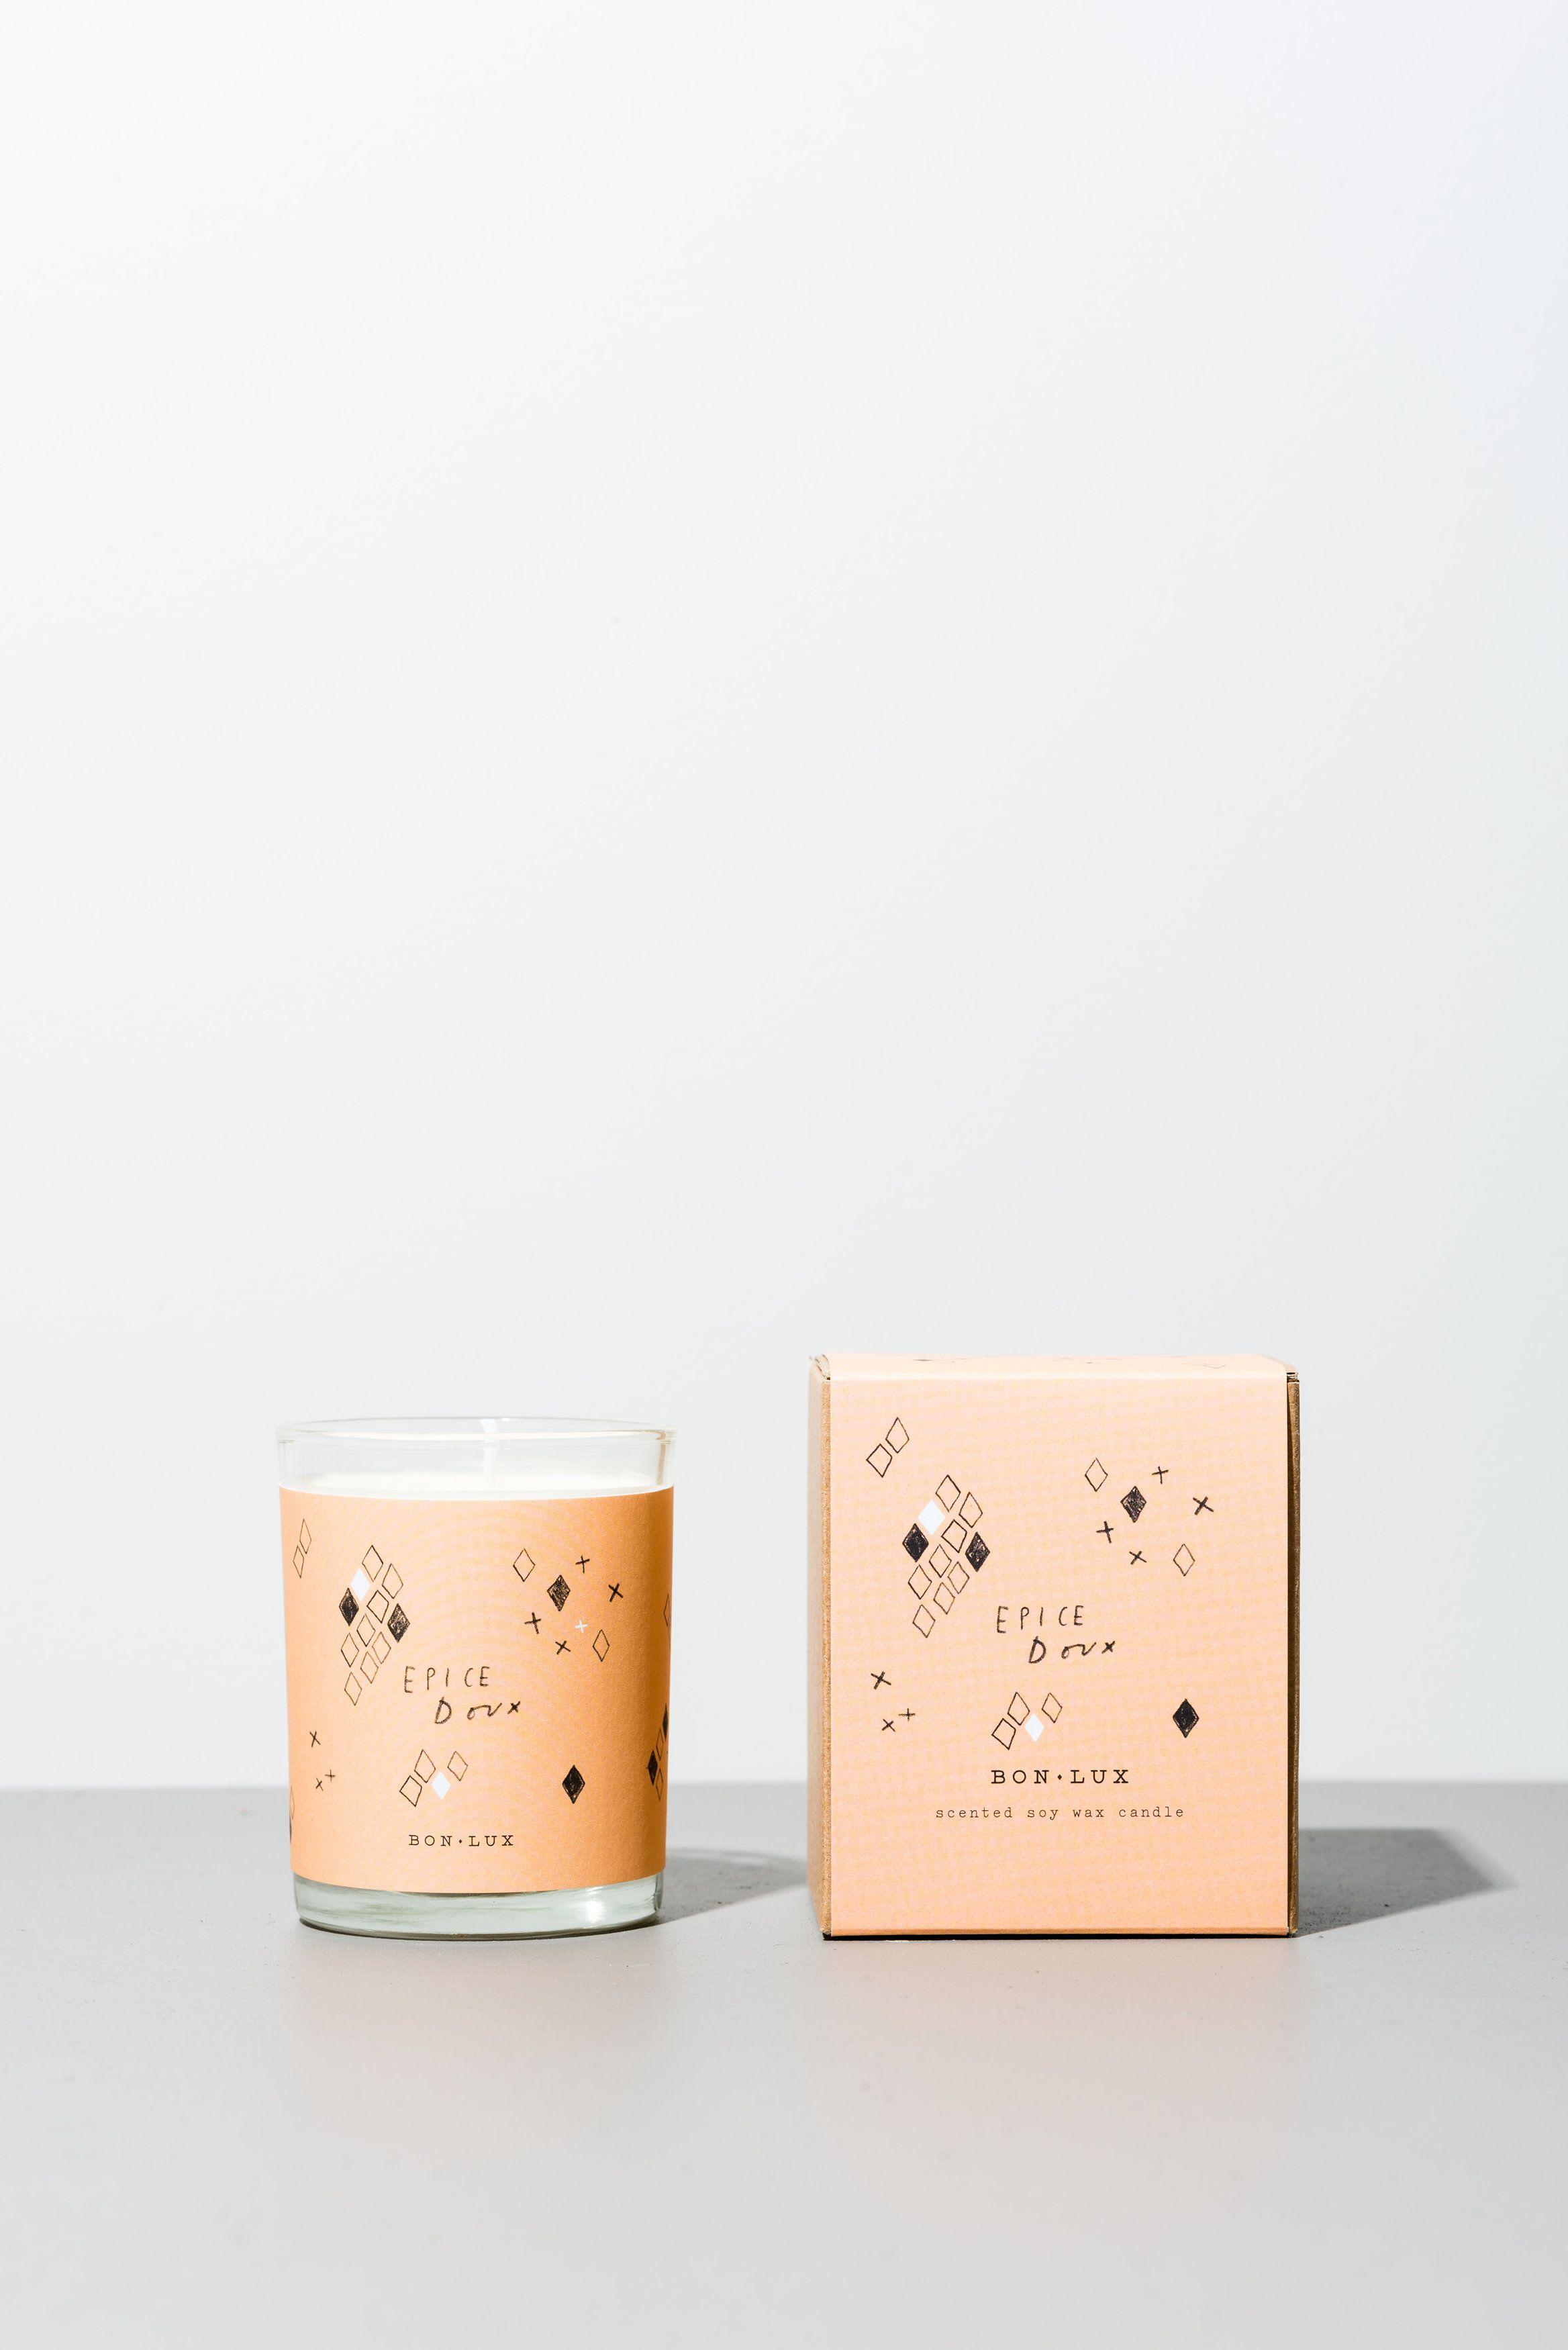 www.bonlux.com epice doux votive candle